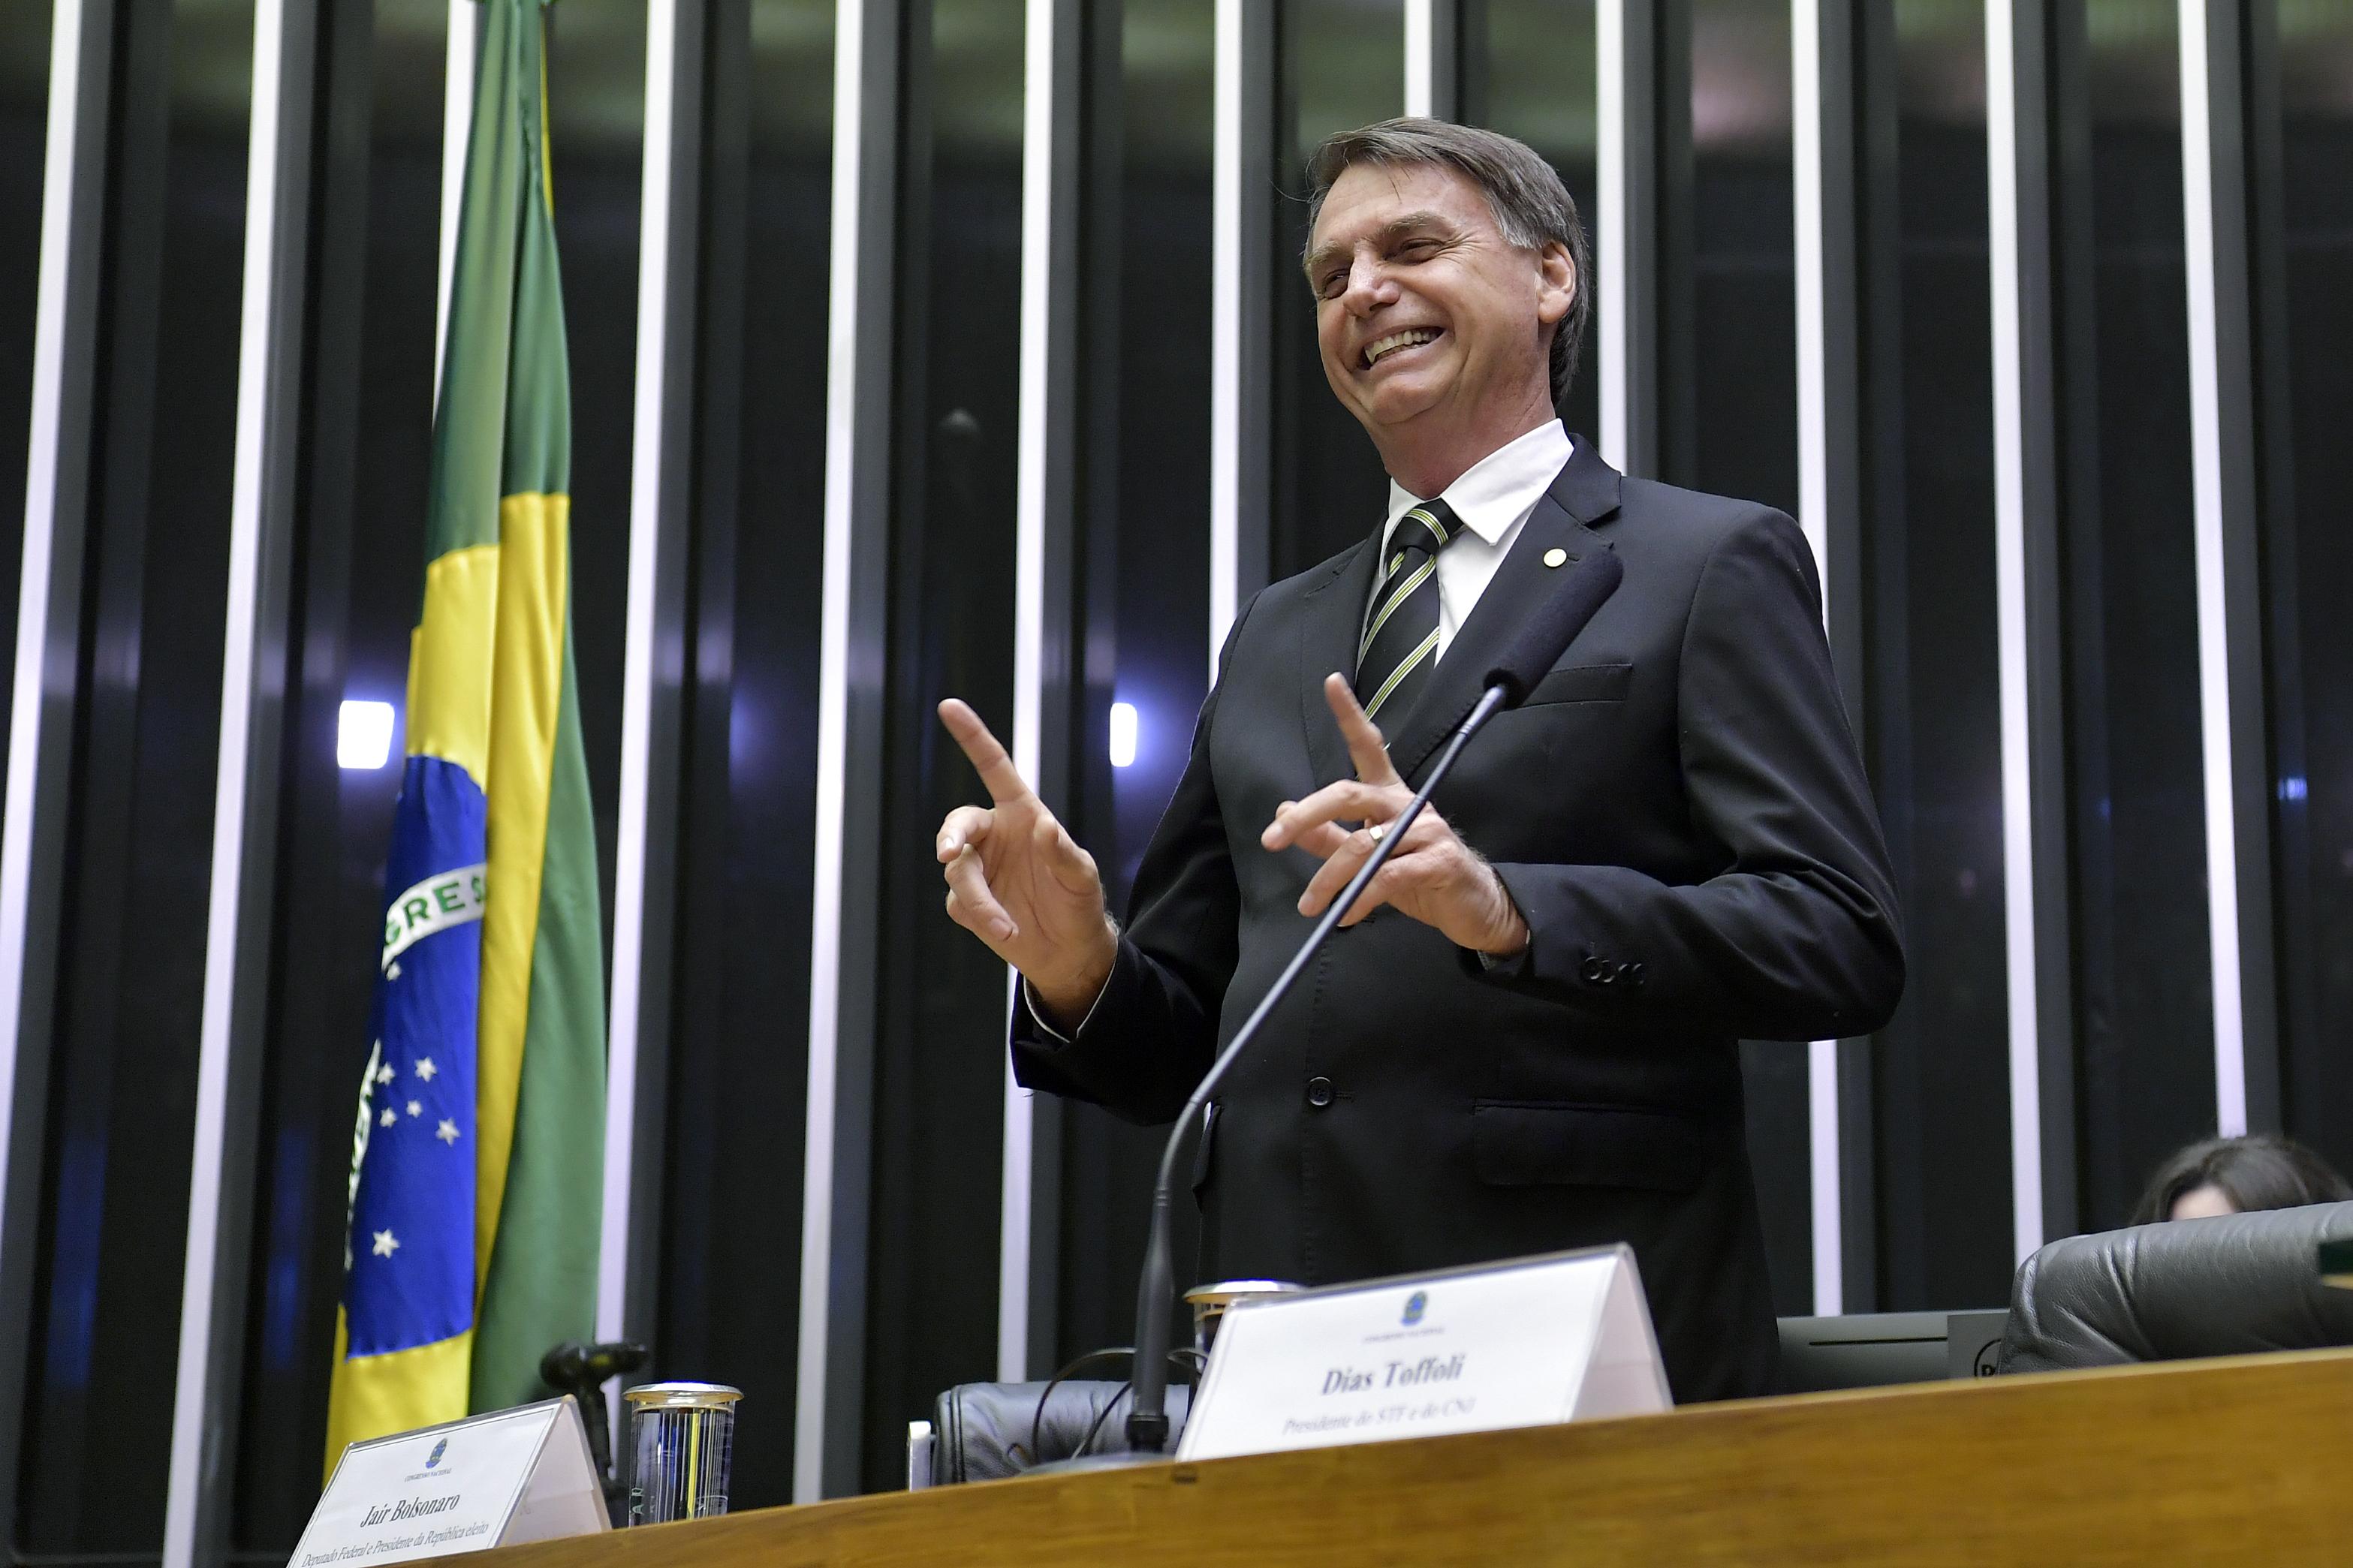 L'extrême droite au pouvoir au Brésil : à quoi doit s'attendre la Suisse dans le cadre des négociations entre le Mercosur et l'AELE ?